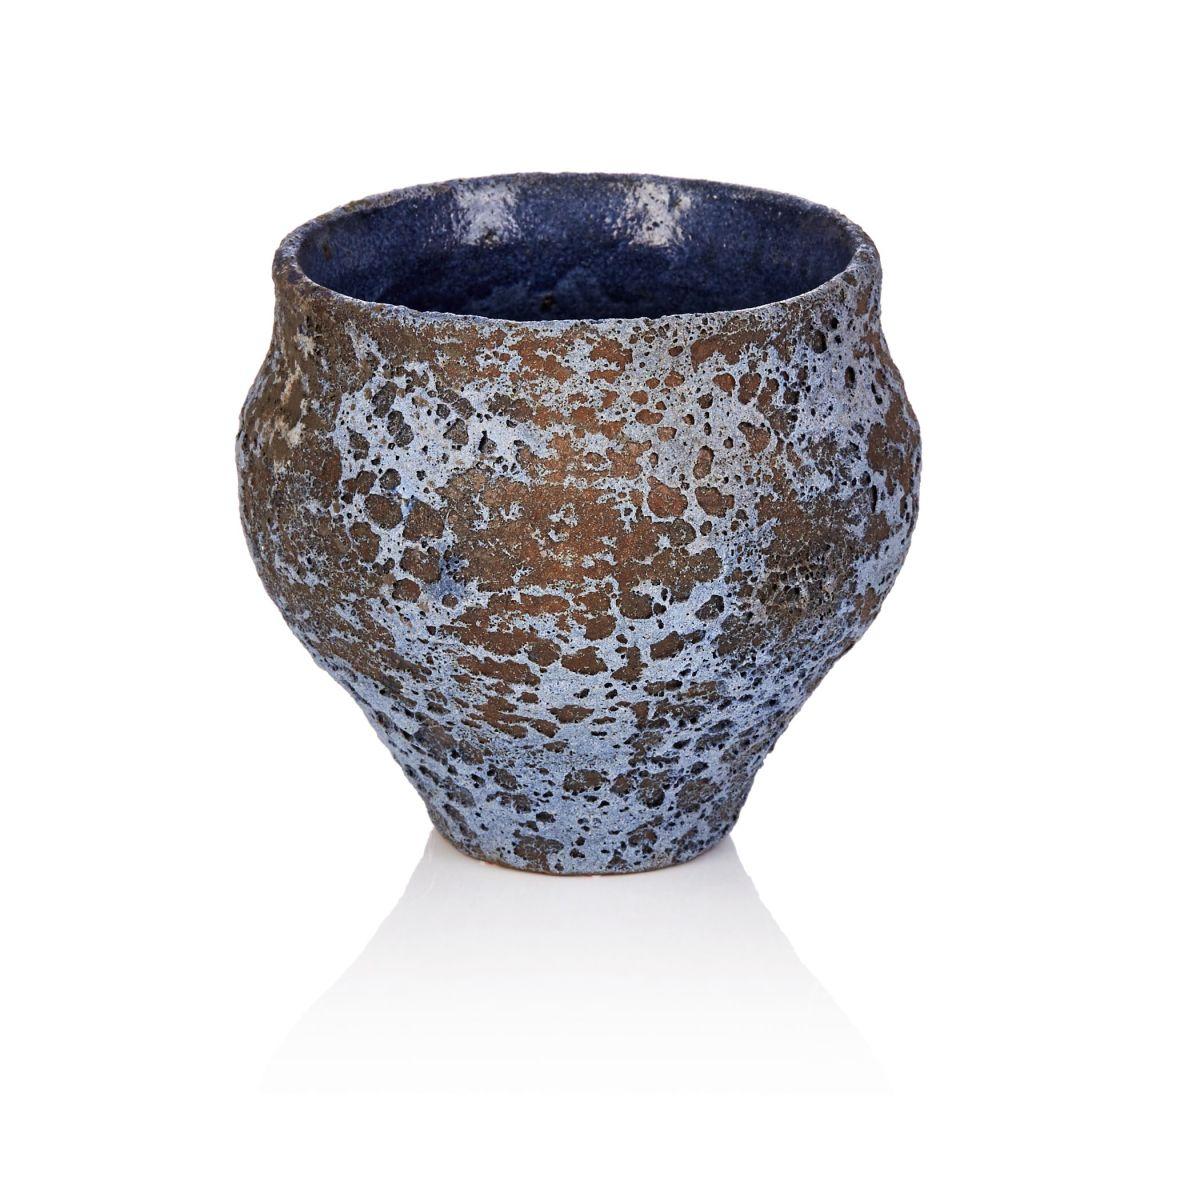 Deko-Topf, rustikal, Keramik